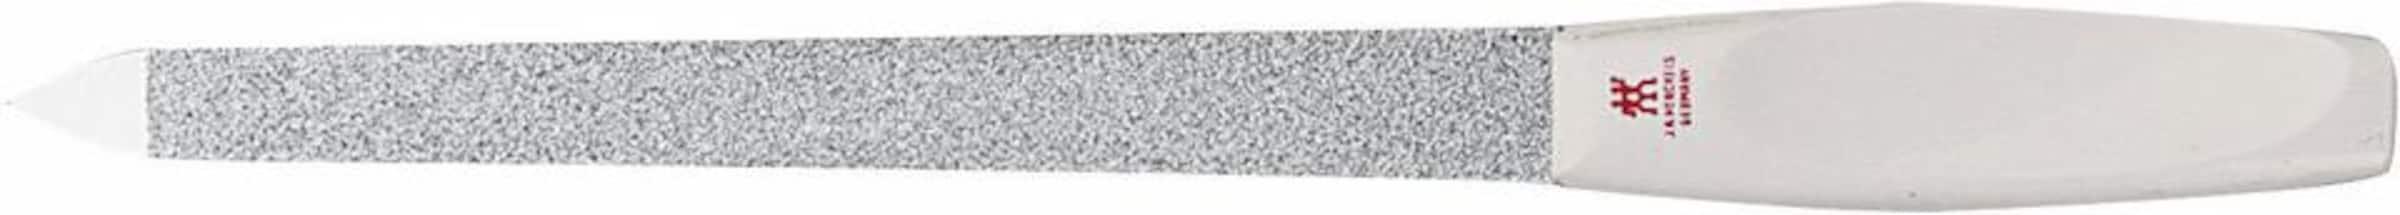 ZWILLING 'Saphir-Nagelfeile' 160 mm, Classic Inox Serie